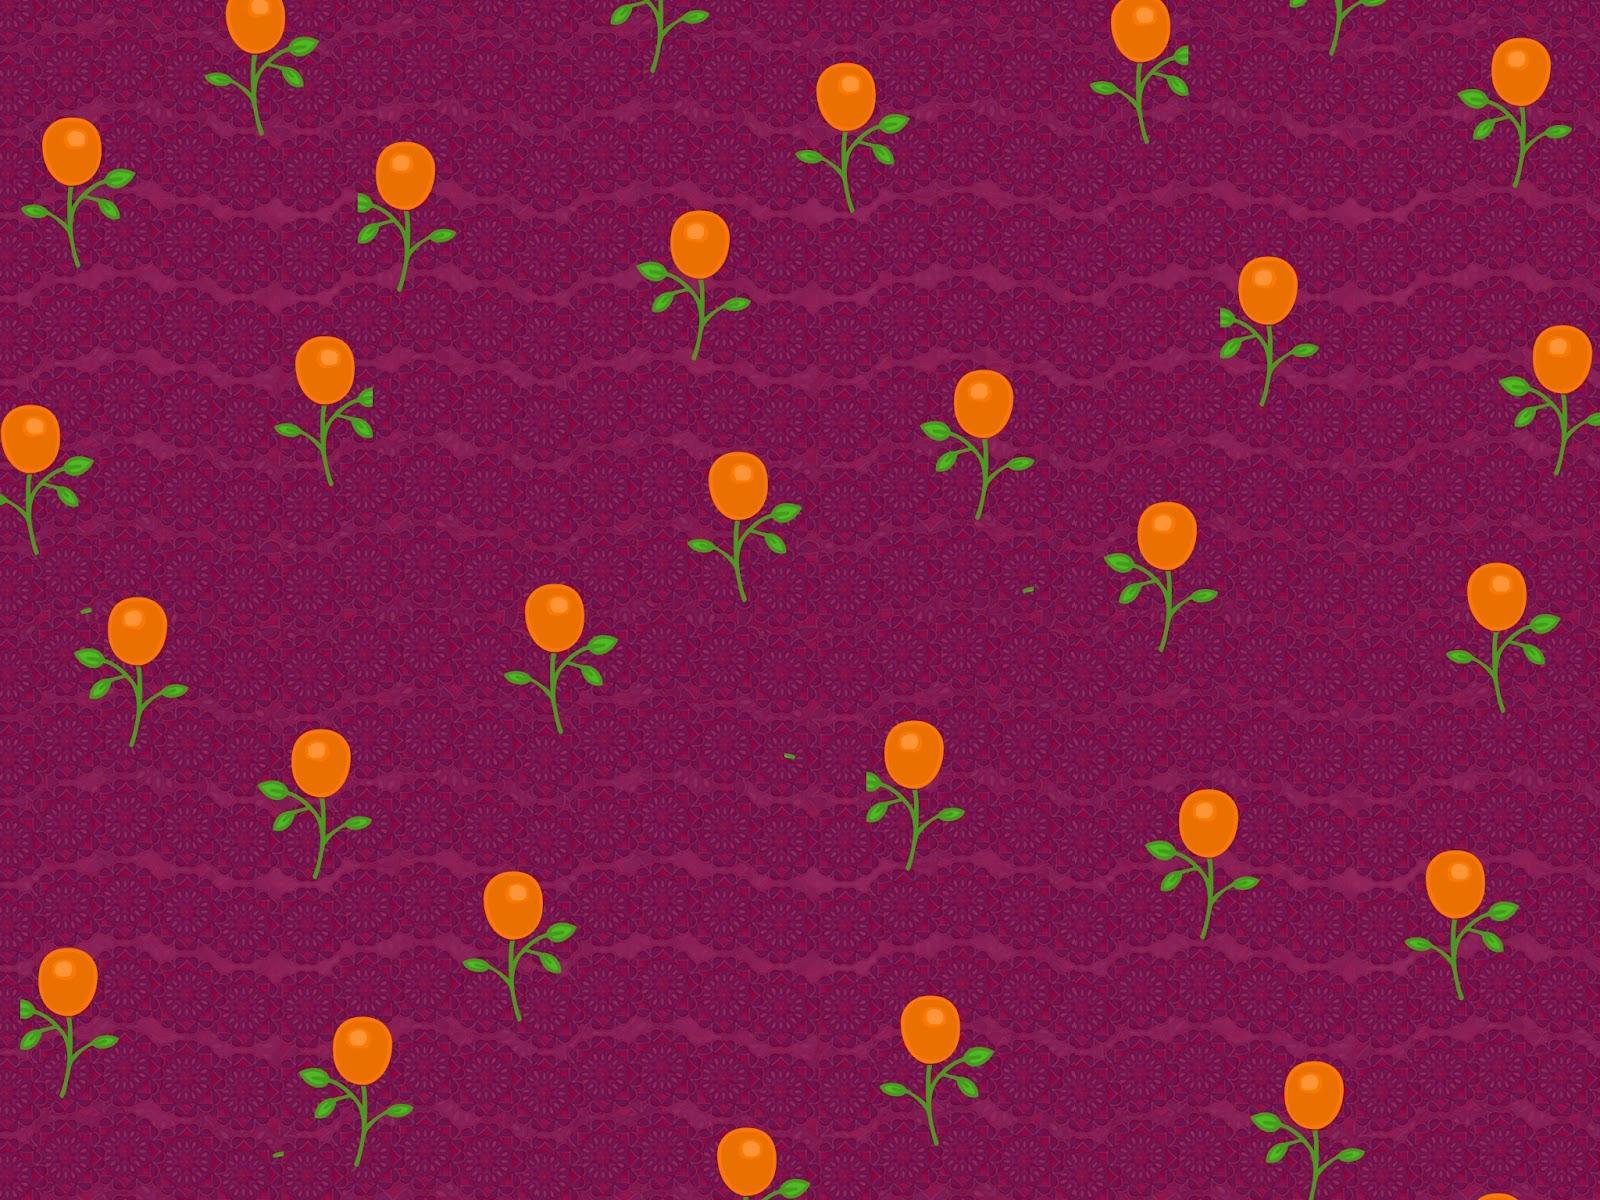 violetter Hintergrund mit Blümchen